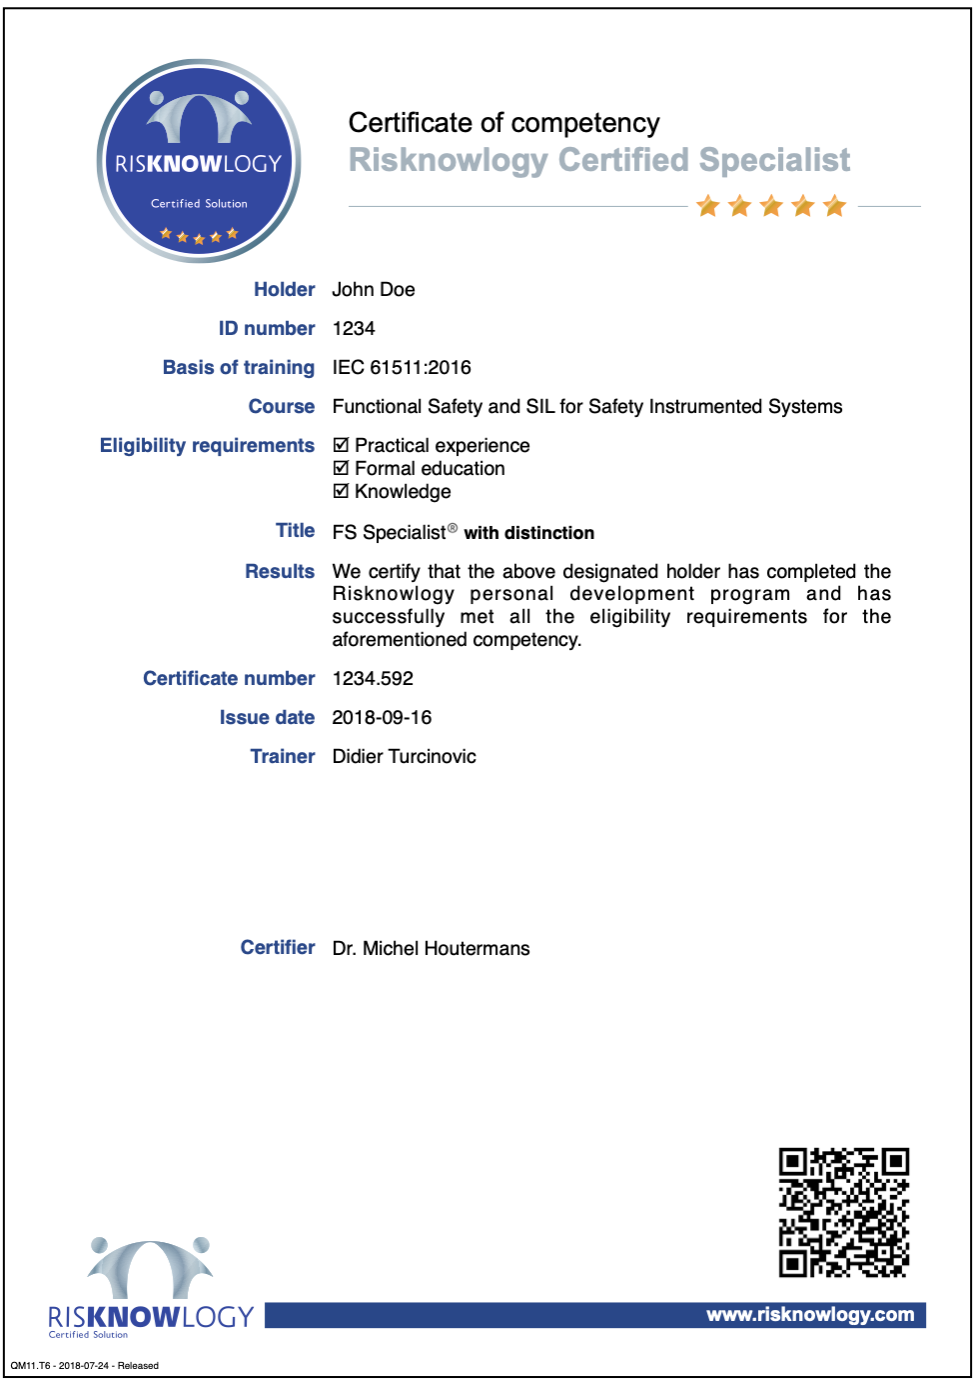 Certificación Risknowlogy-TUV en Venezuela para Especialistas – Certificado especial con Distinción